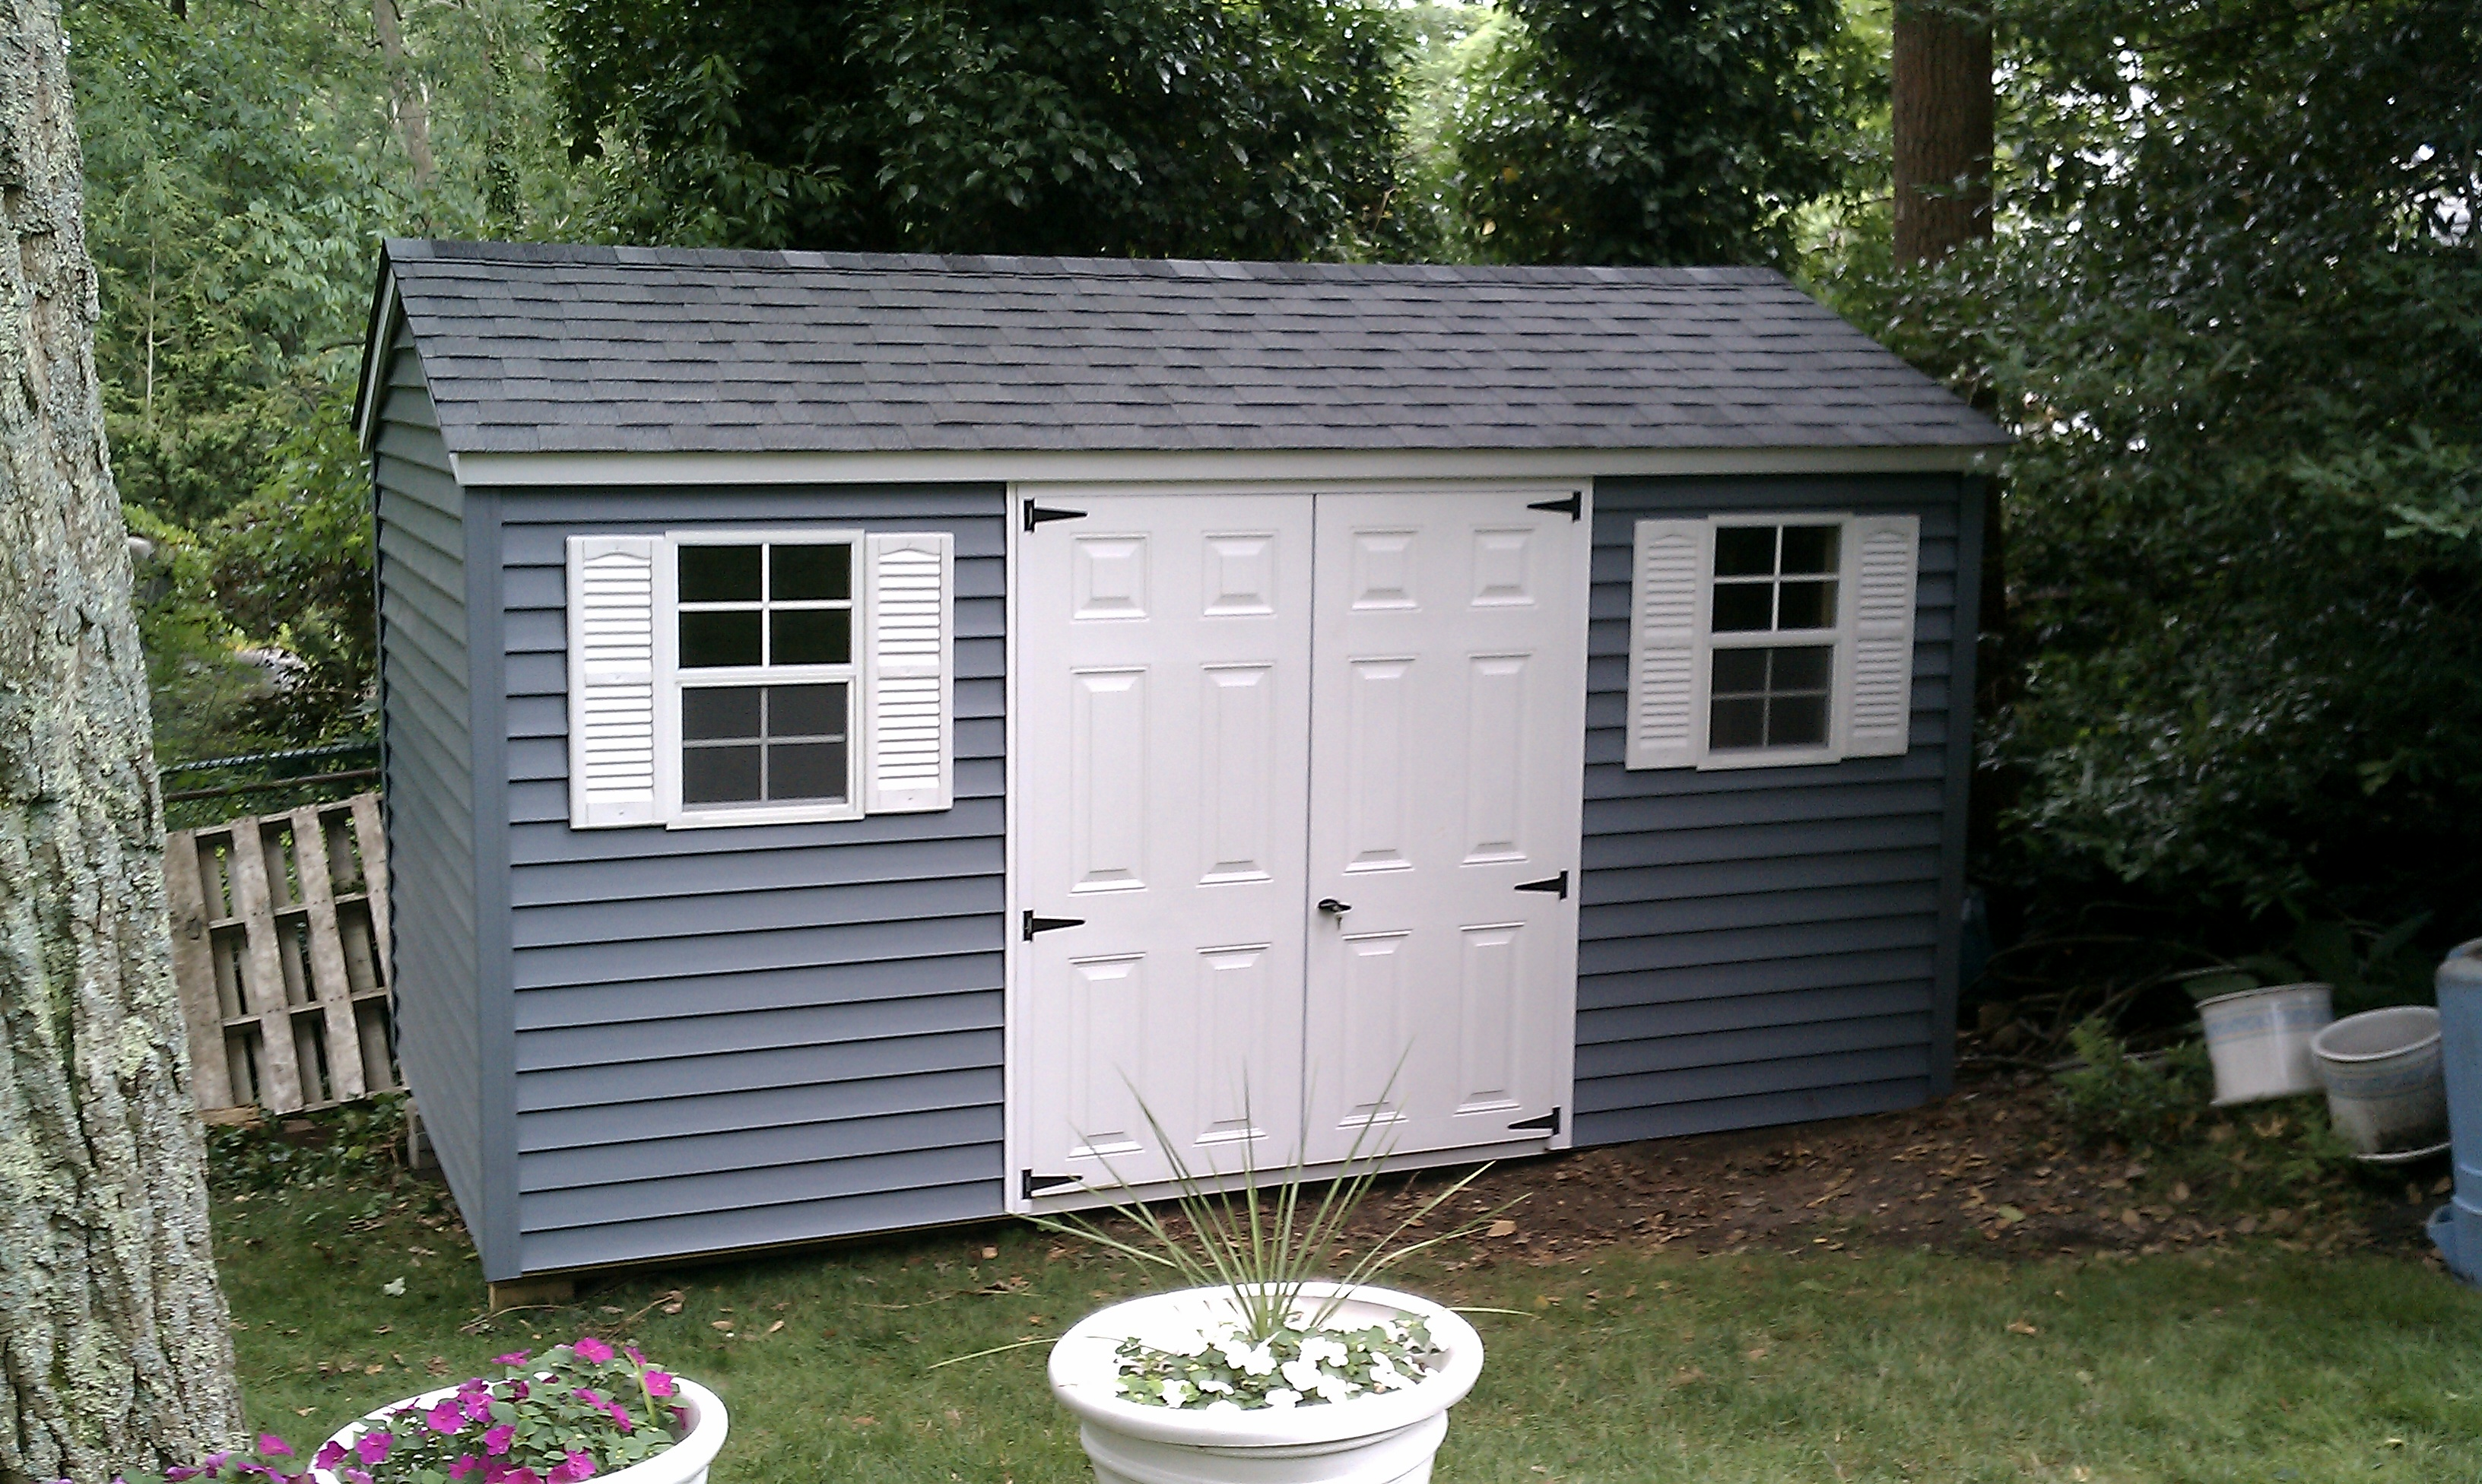 httpkemptonshedscomwp contentuploads2018011 cedar garden shed kempton sheds wall nj www_kemptonsheds_com call 732 449 8673jpg